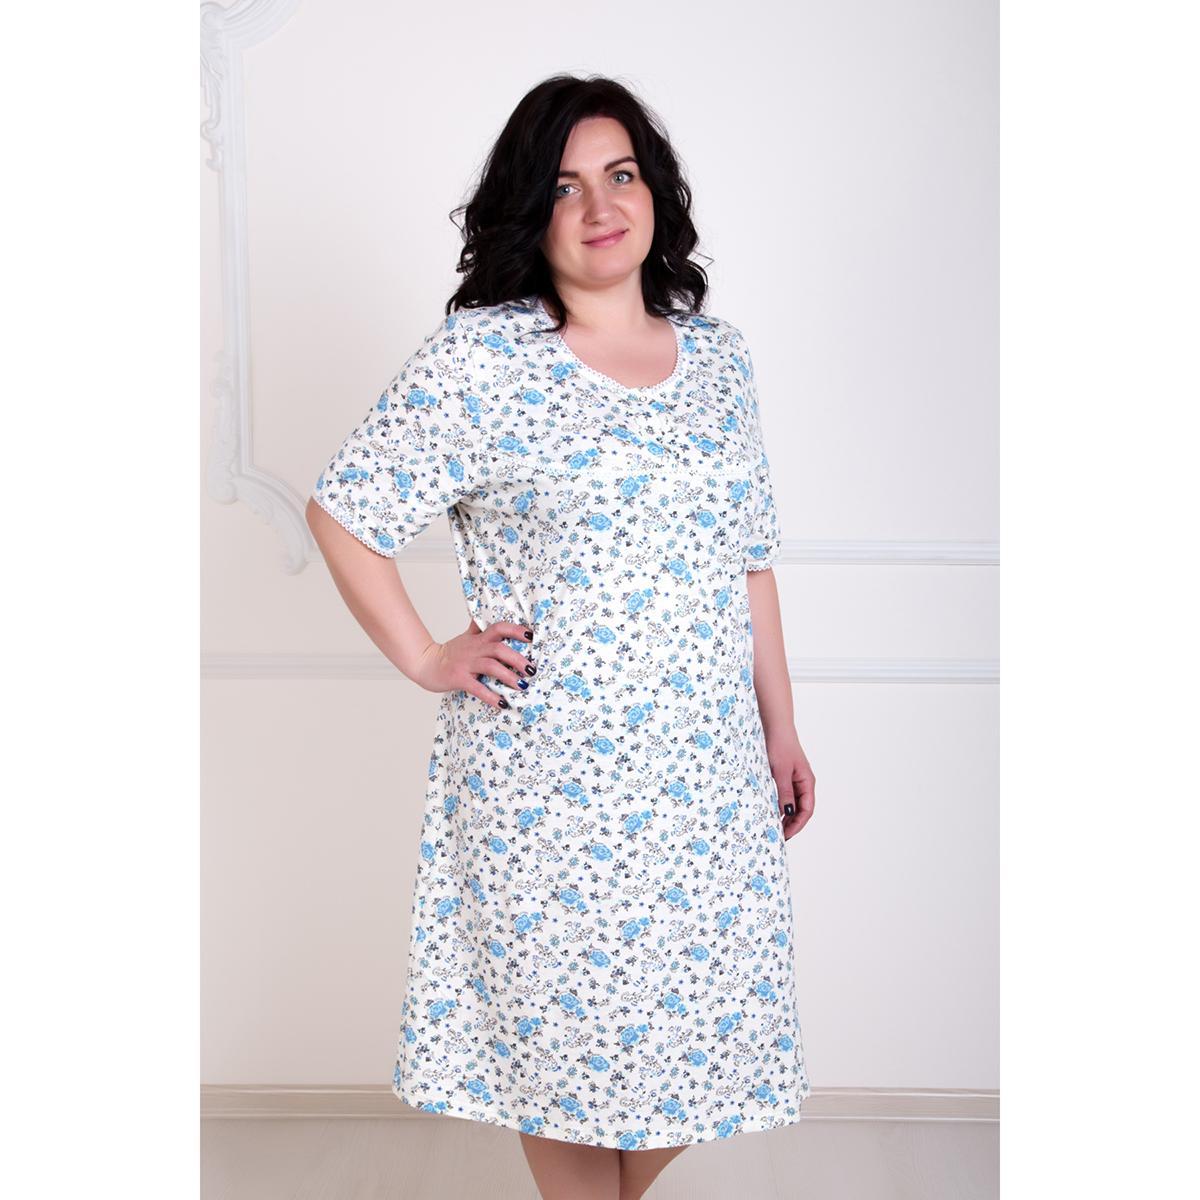 Женская сорочка Цветочек арт. 0289, размер 48Пижамы и ночные сорочки<br>Обхват груди:96 см<br>Обхват талии:78 см<br>Обхват бедер:104 см<br>Рост:167 см<br><br>Тип: Жен. сорочка<br>Размер: 48<br>Материал: Кулирка